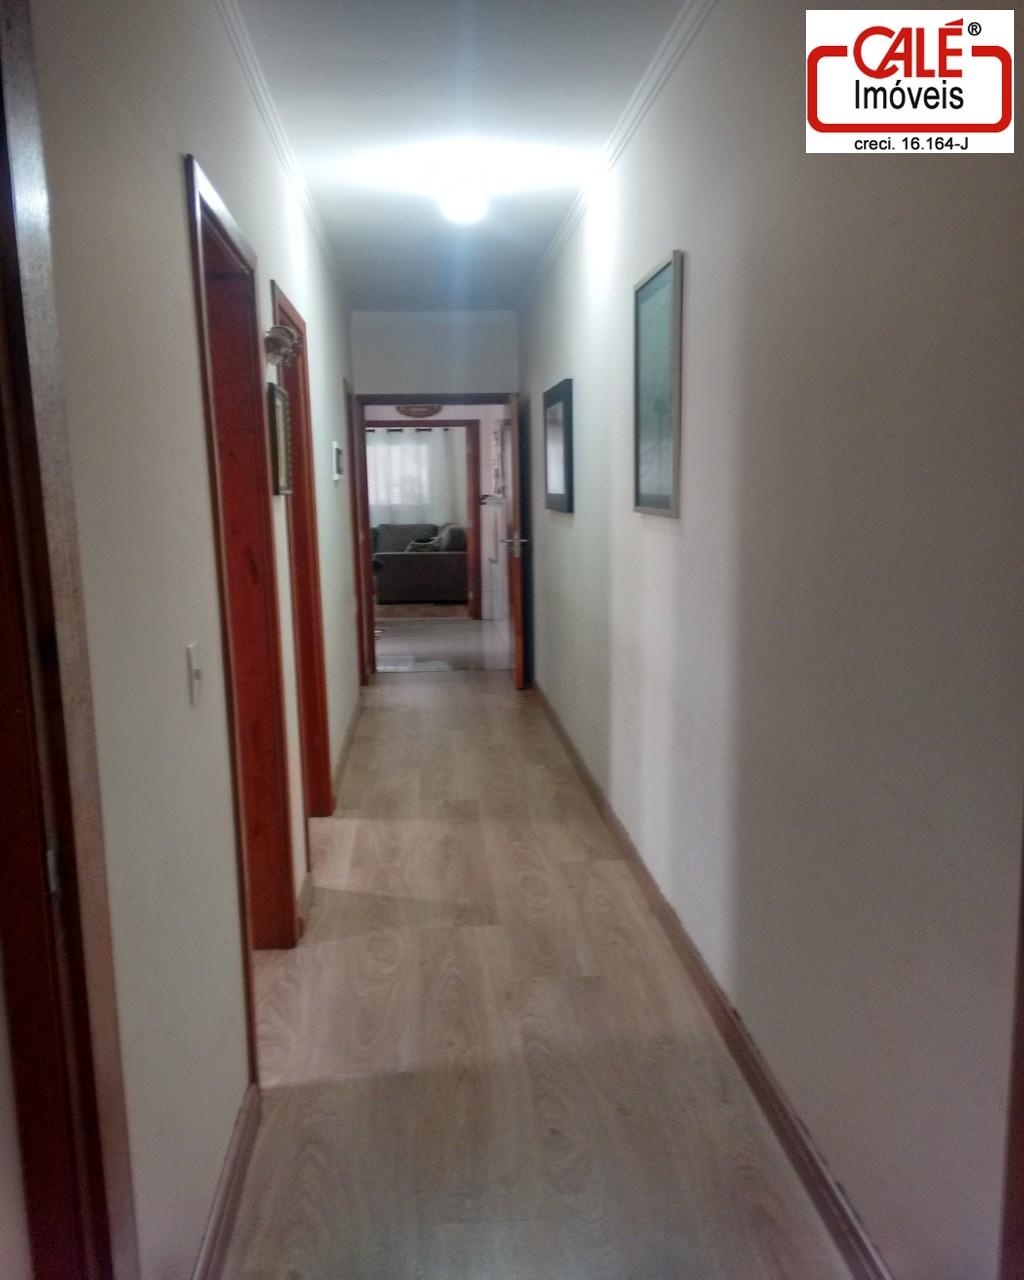 comprar ou alugar casa no bairro jardim pau preto na cidade de indaiatuba-sp